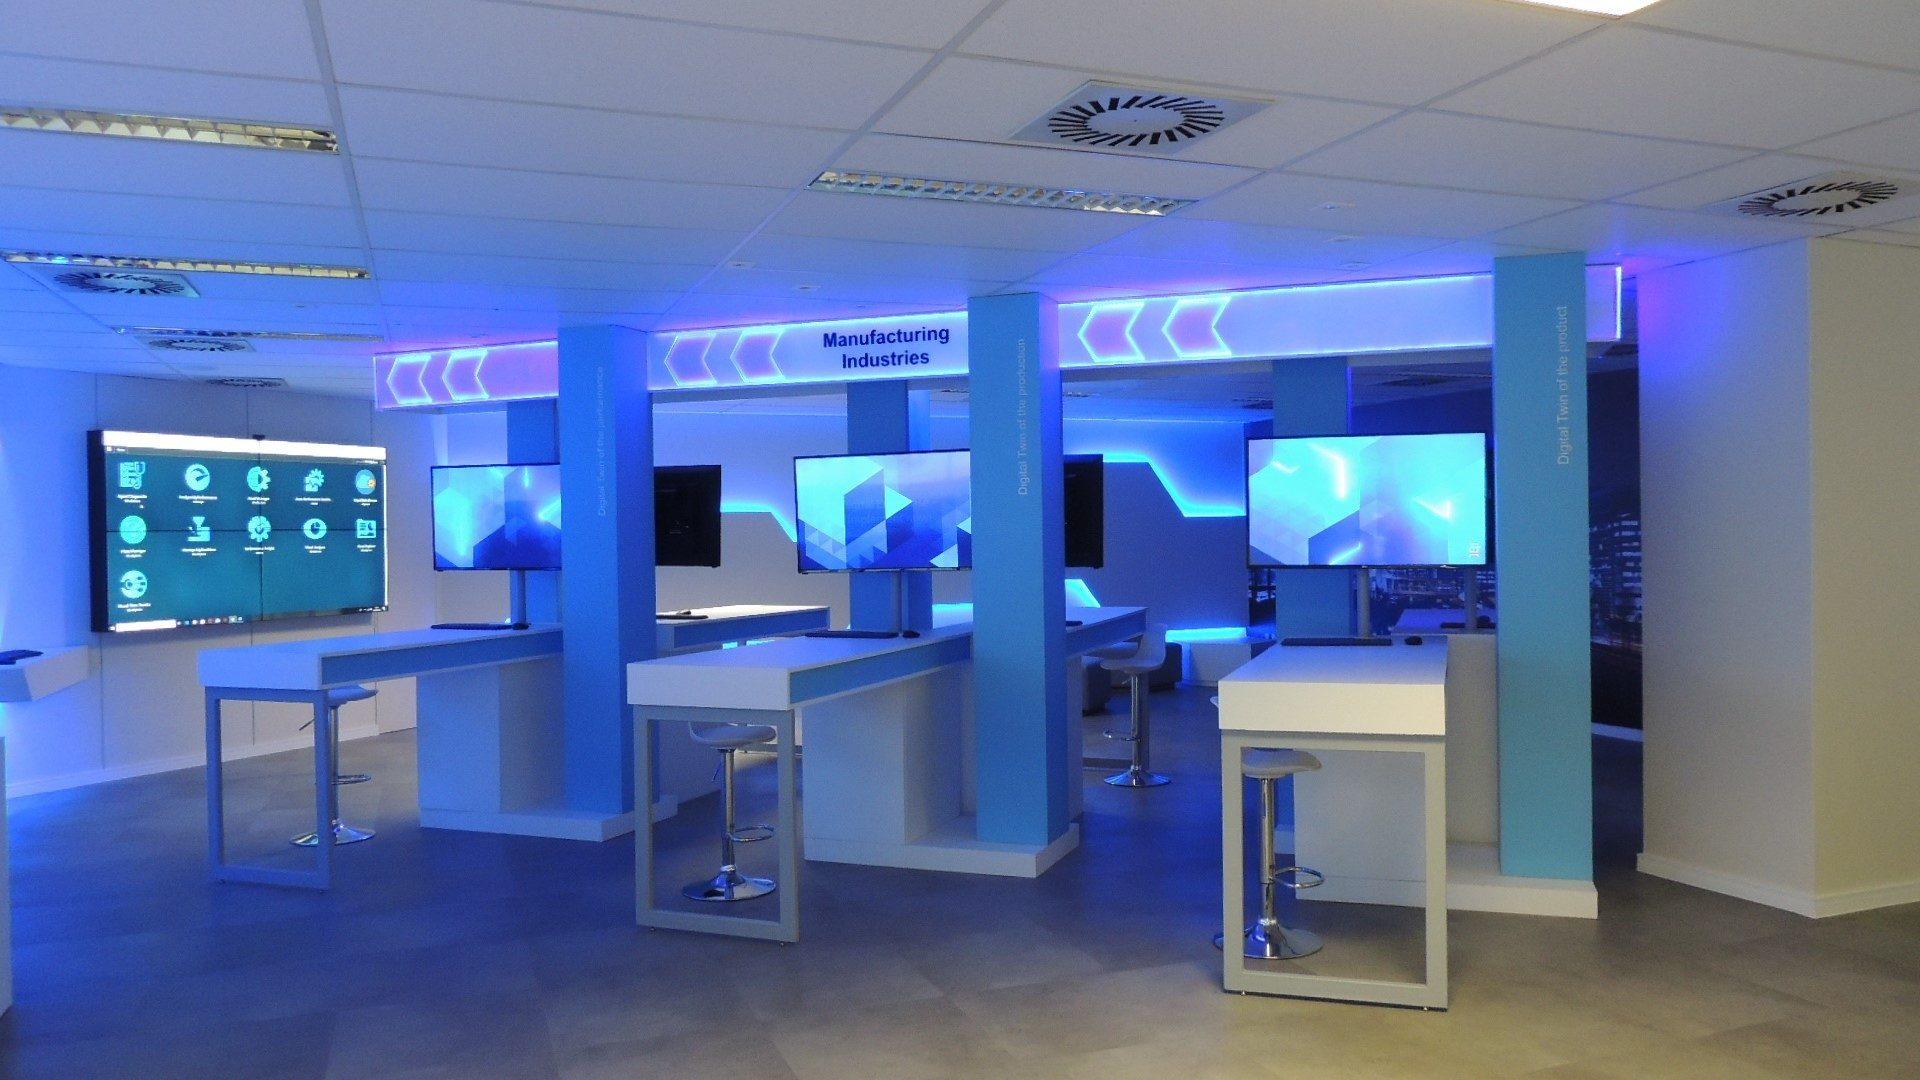 Siemens inaugura primeiro Centro de Experiência Digital voltado para a indústria na América Latina